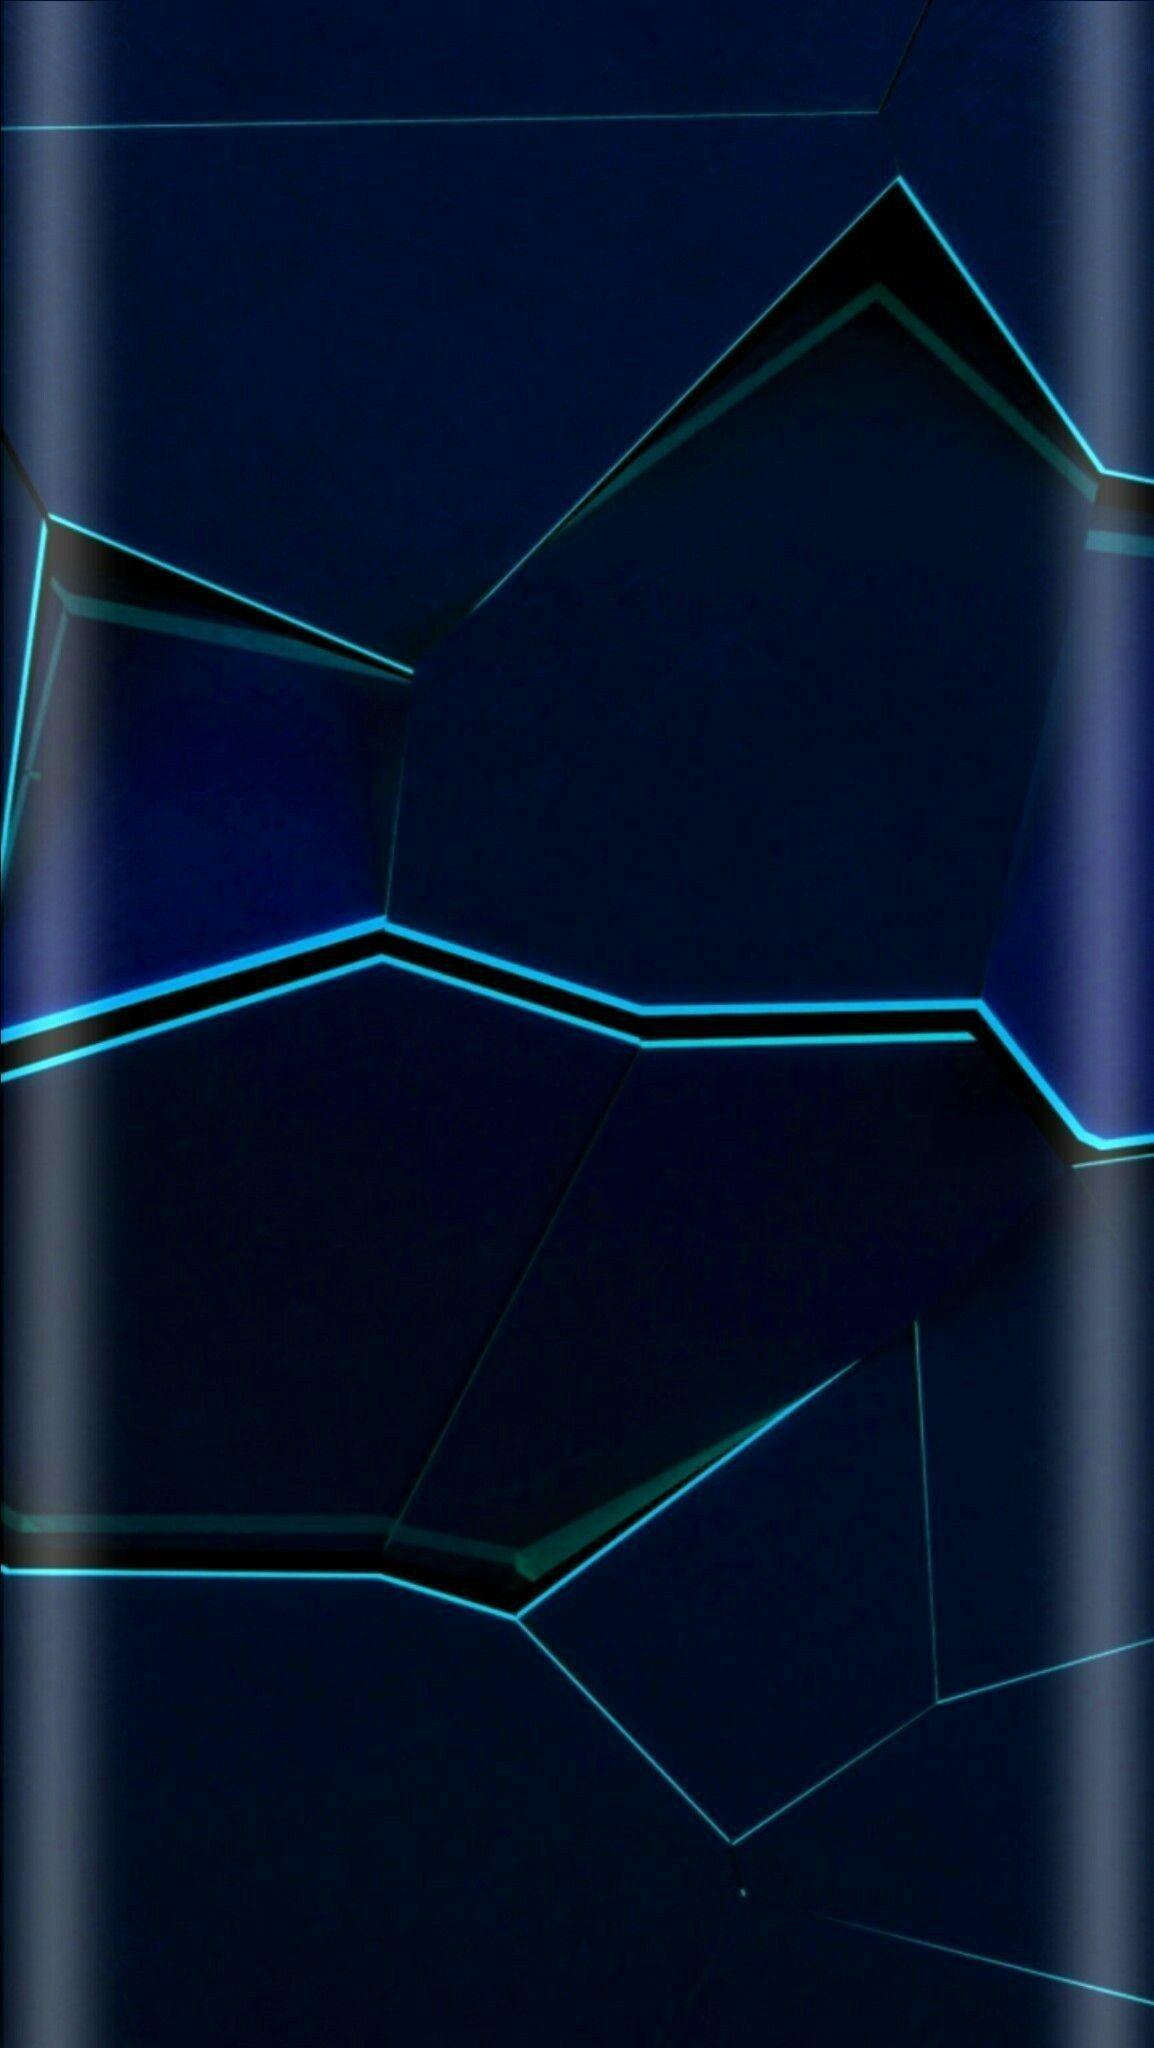 Pin Oleh Anton Dobrev Di Note 8 And Galaxy S8 Wallpapers Wallpaper Hd Wallpaper 3d Wallpaper Ponsel